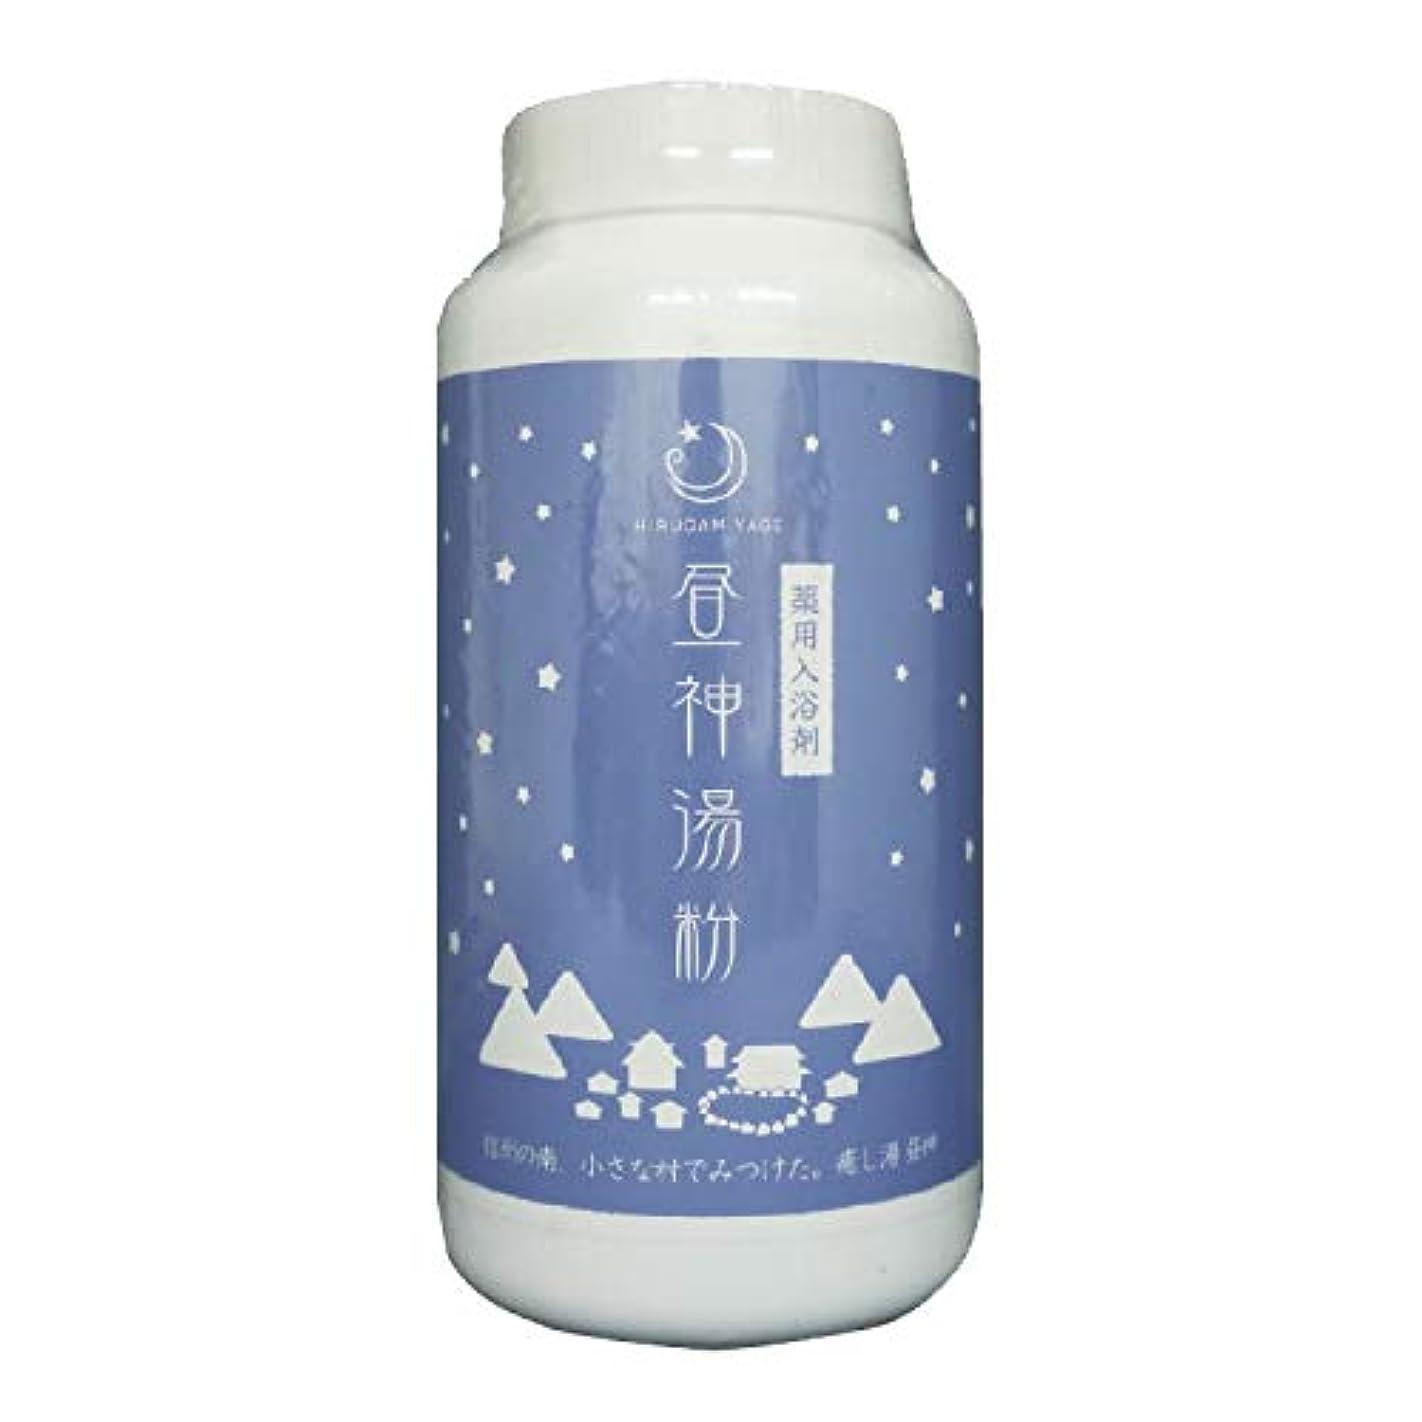 スクレーパー平らな降ろす昼神の湯 薬用入浴剤(医薬部外品)ボトル 昼神温泉郷